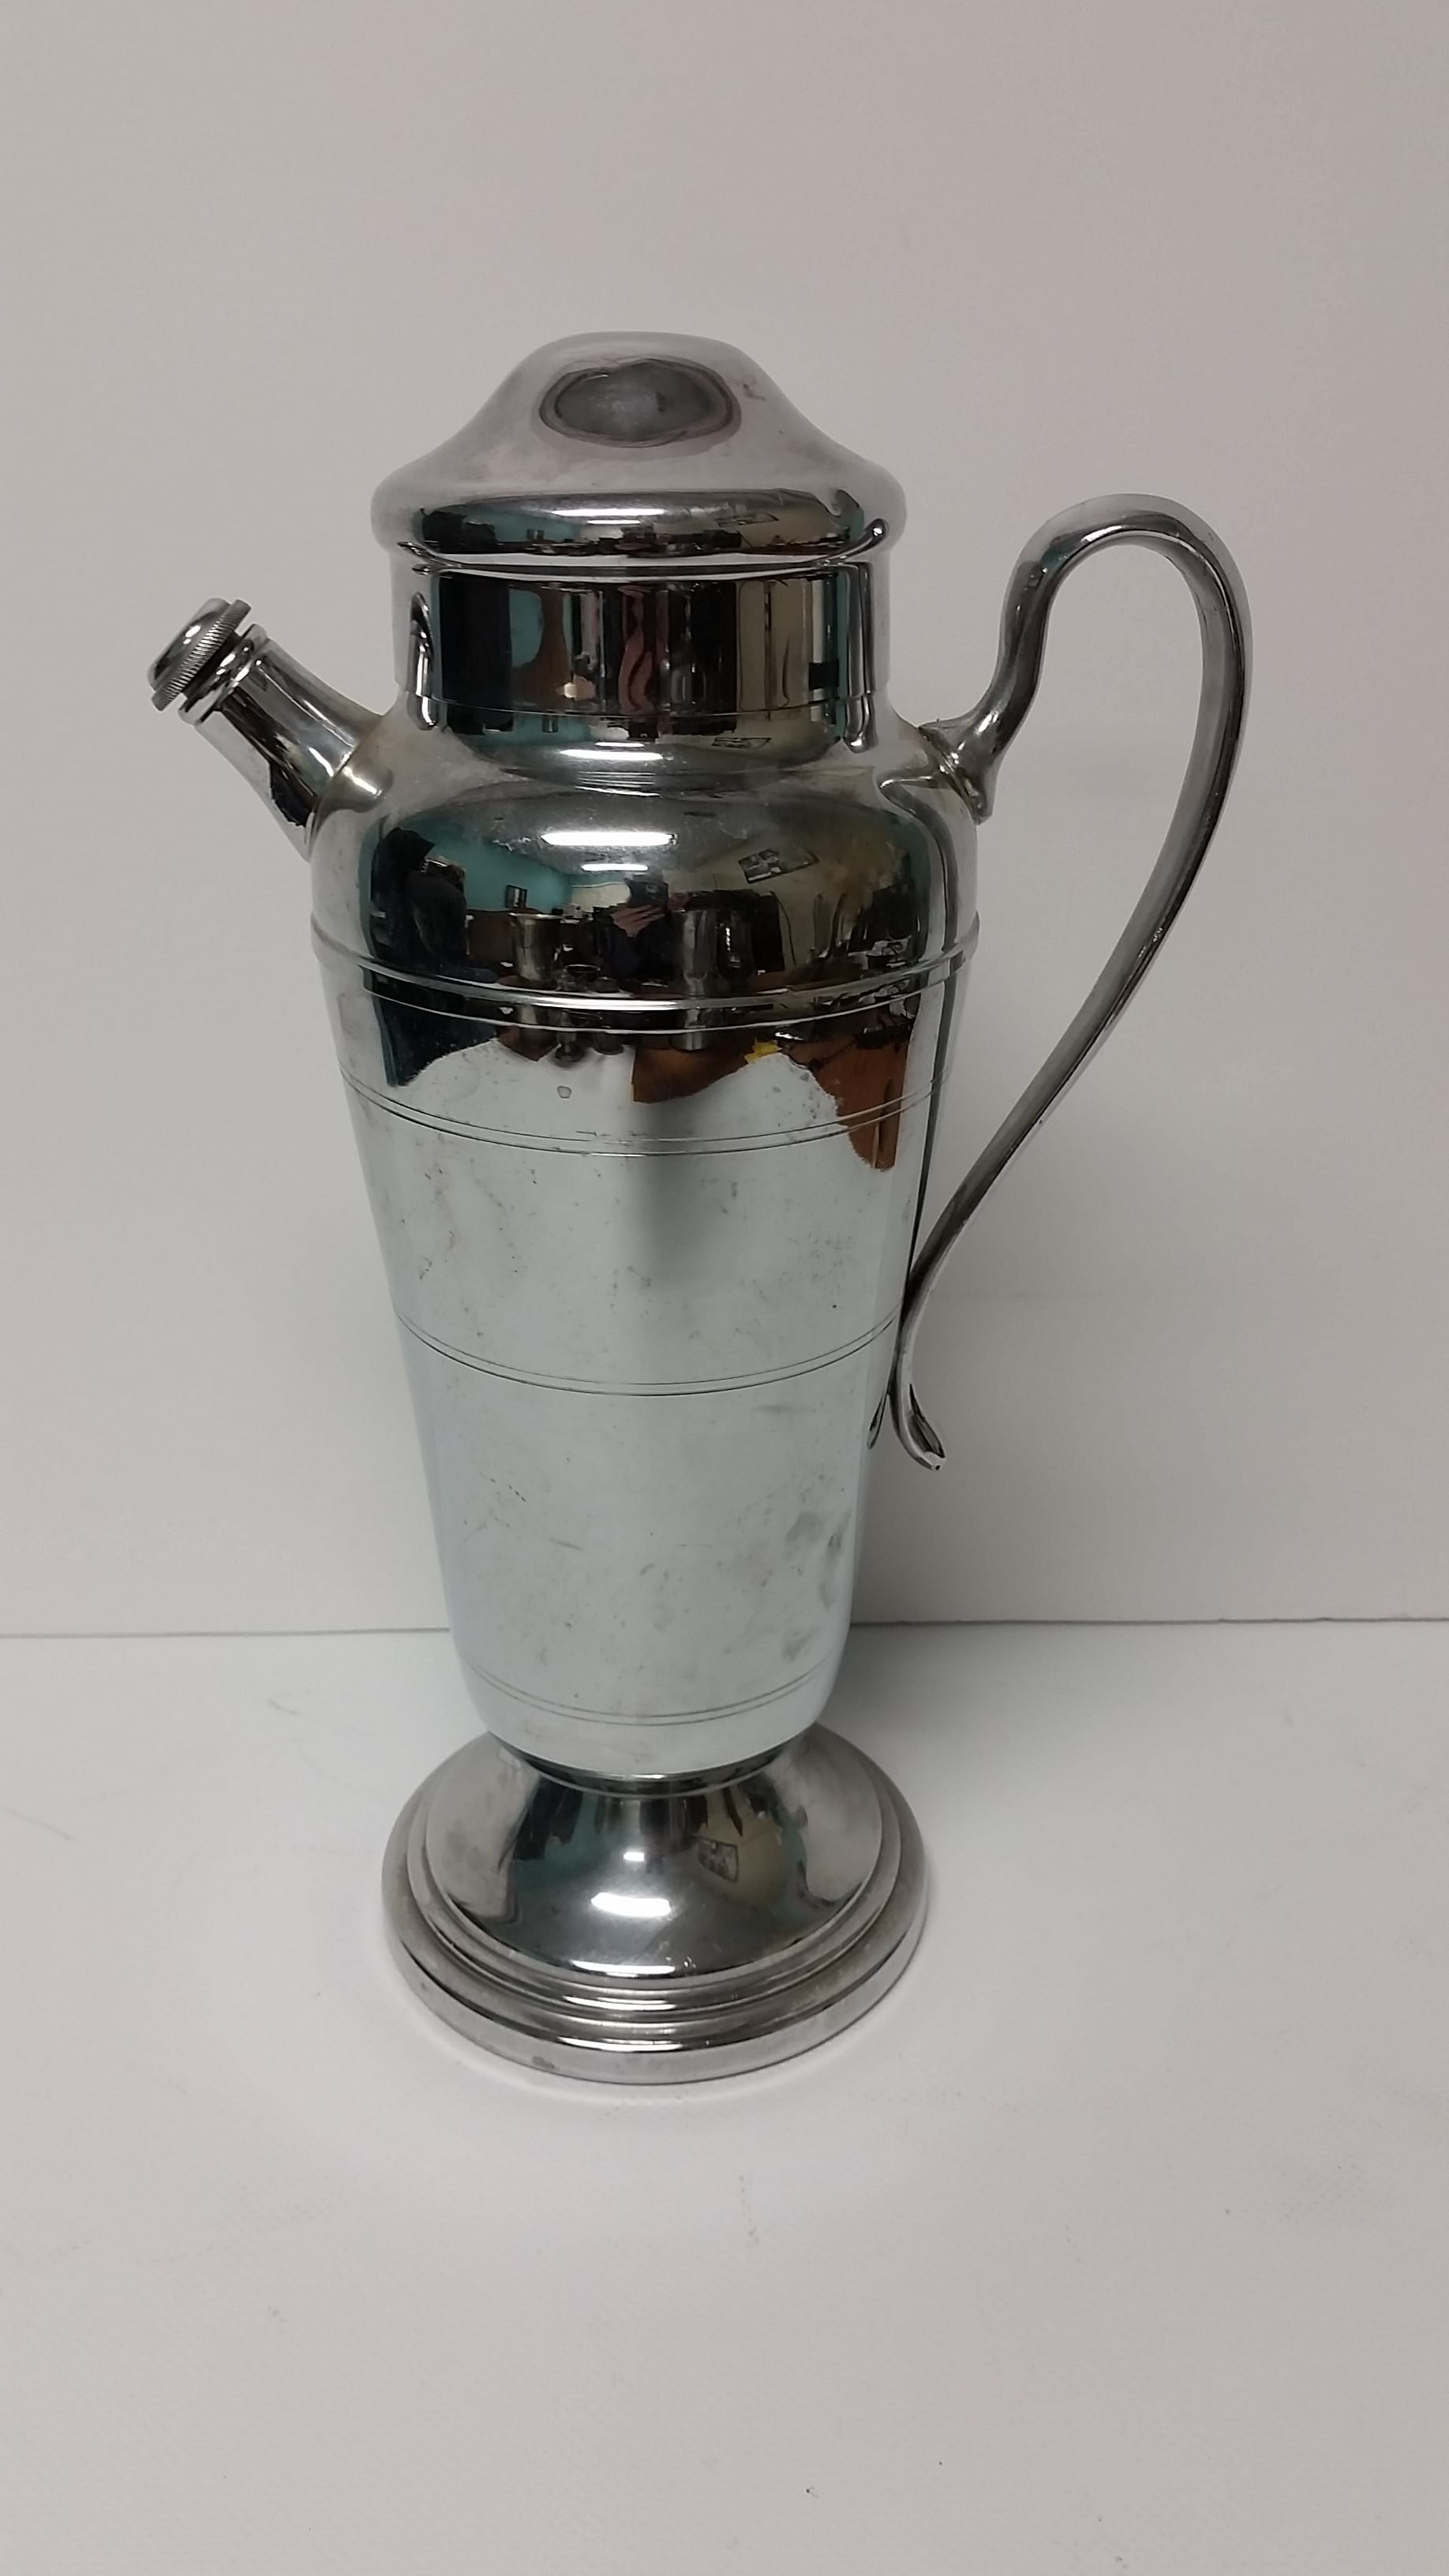 Silver - Coffee Pot Shiny